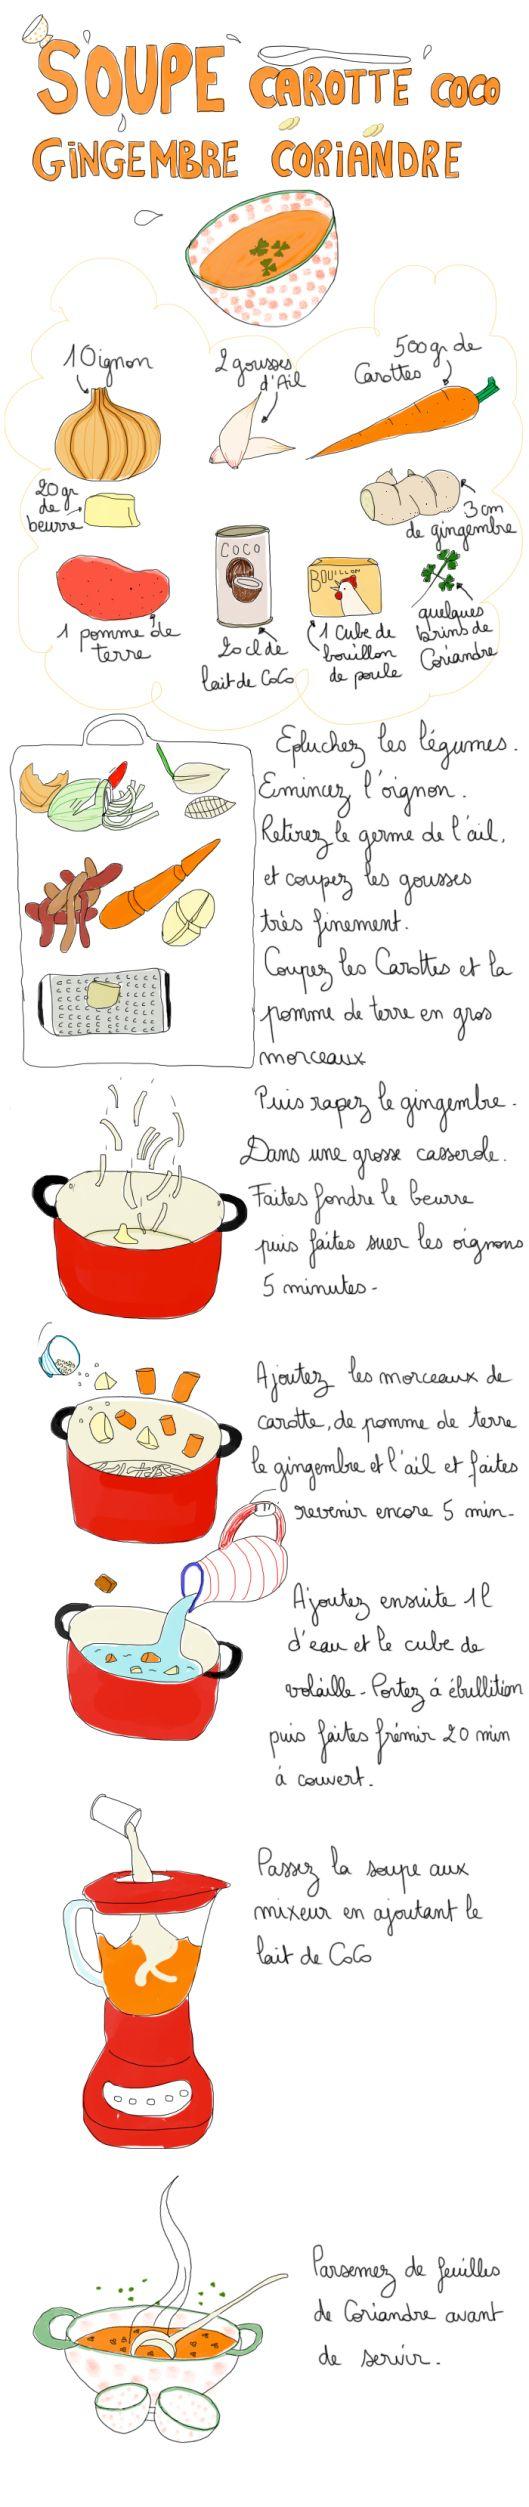 https://croquemoi.wordpress.com/2012/01/12/soupe-carotte-coco-gingembre-coriandre/